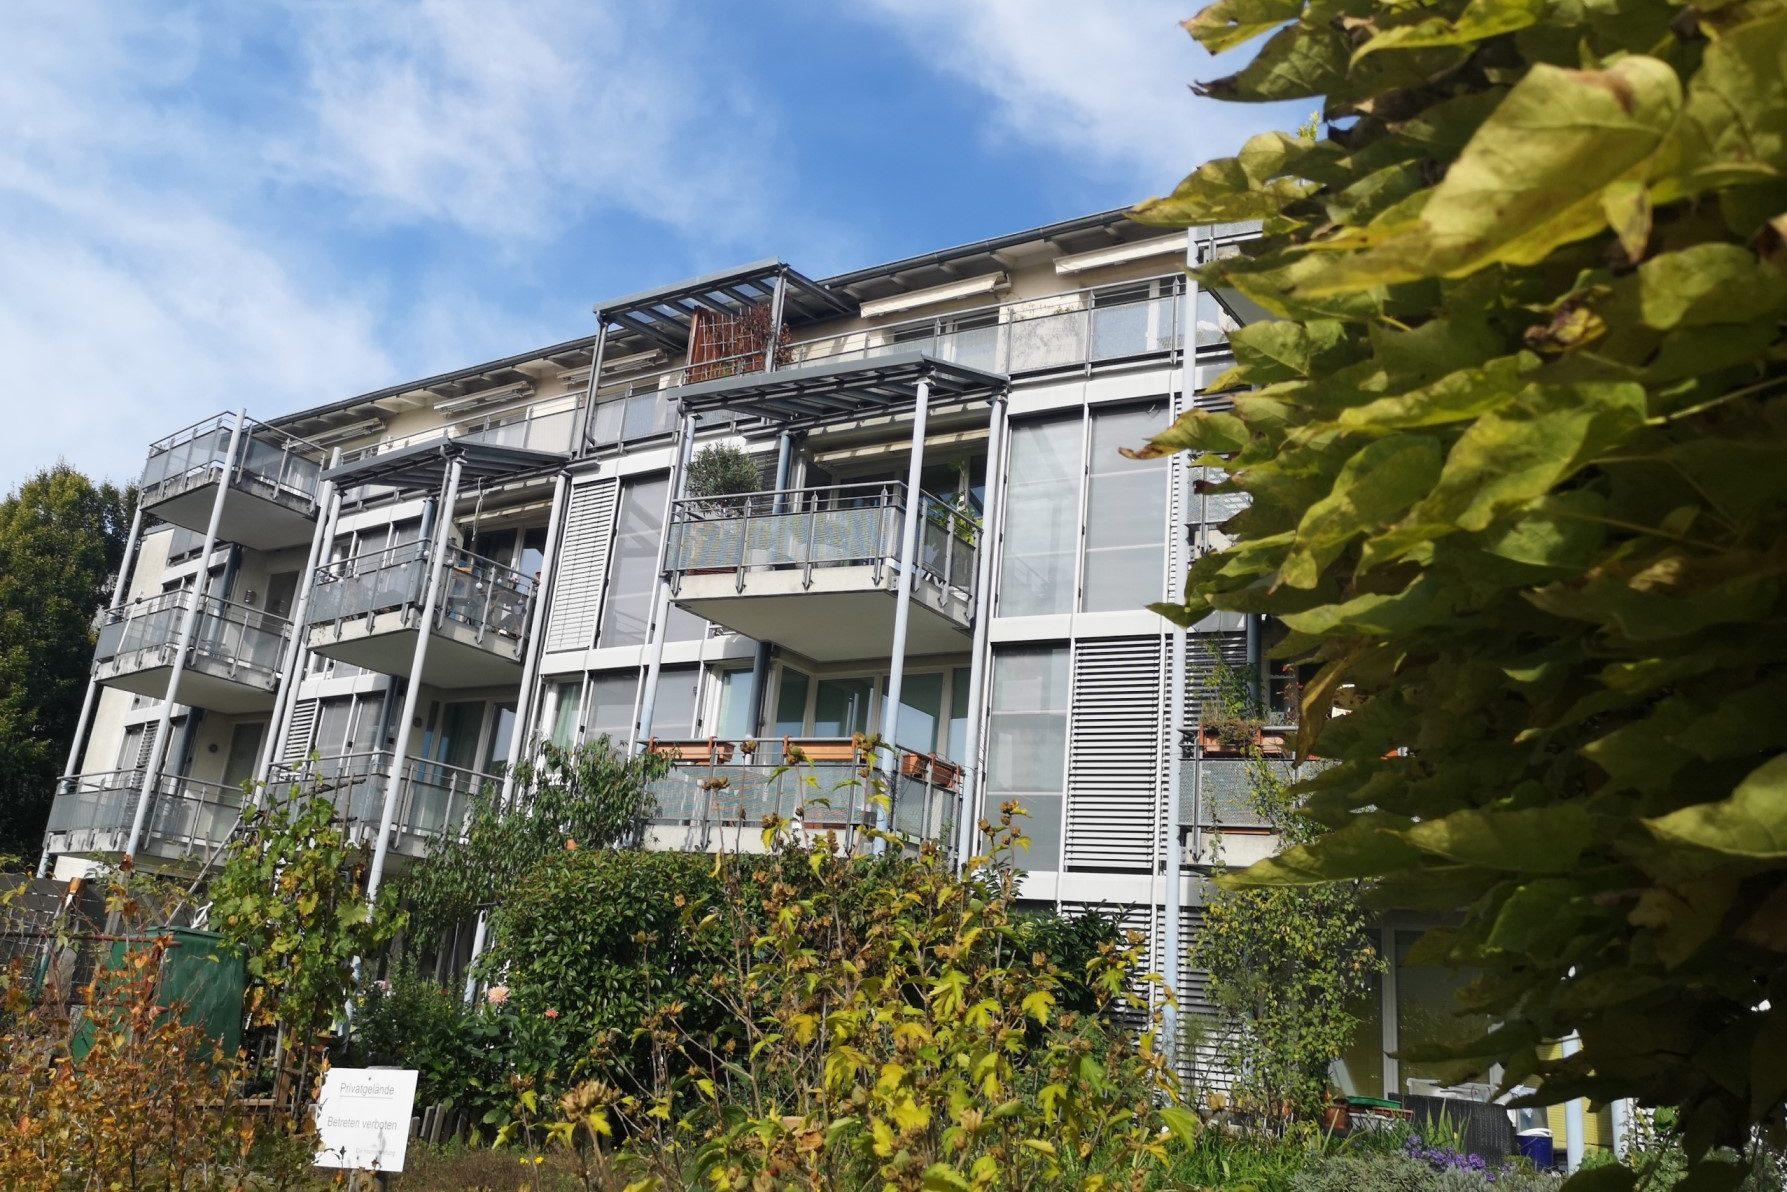 Solarhaus Gundelfingen